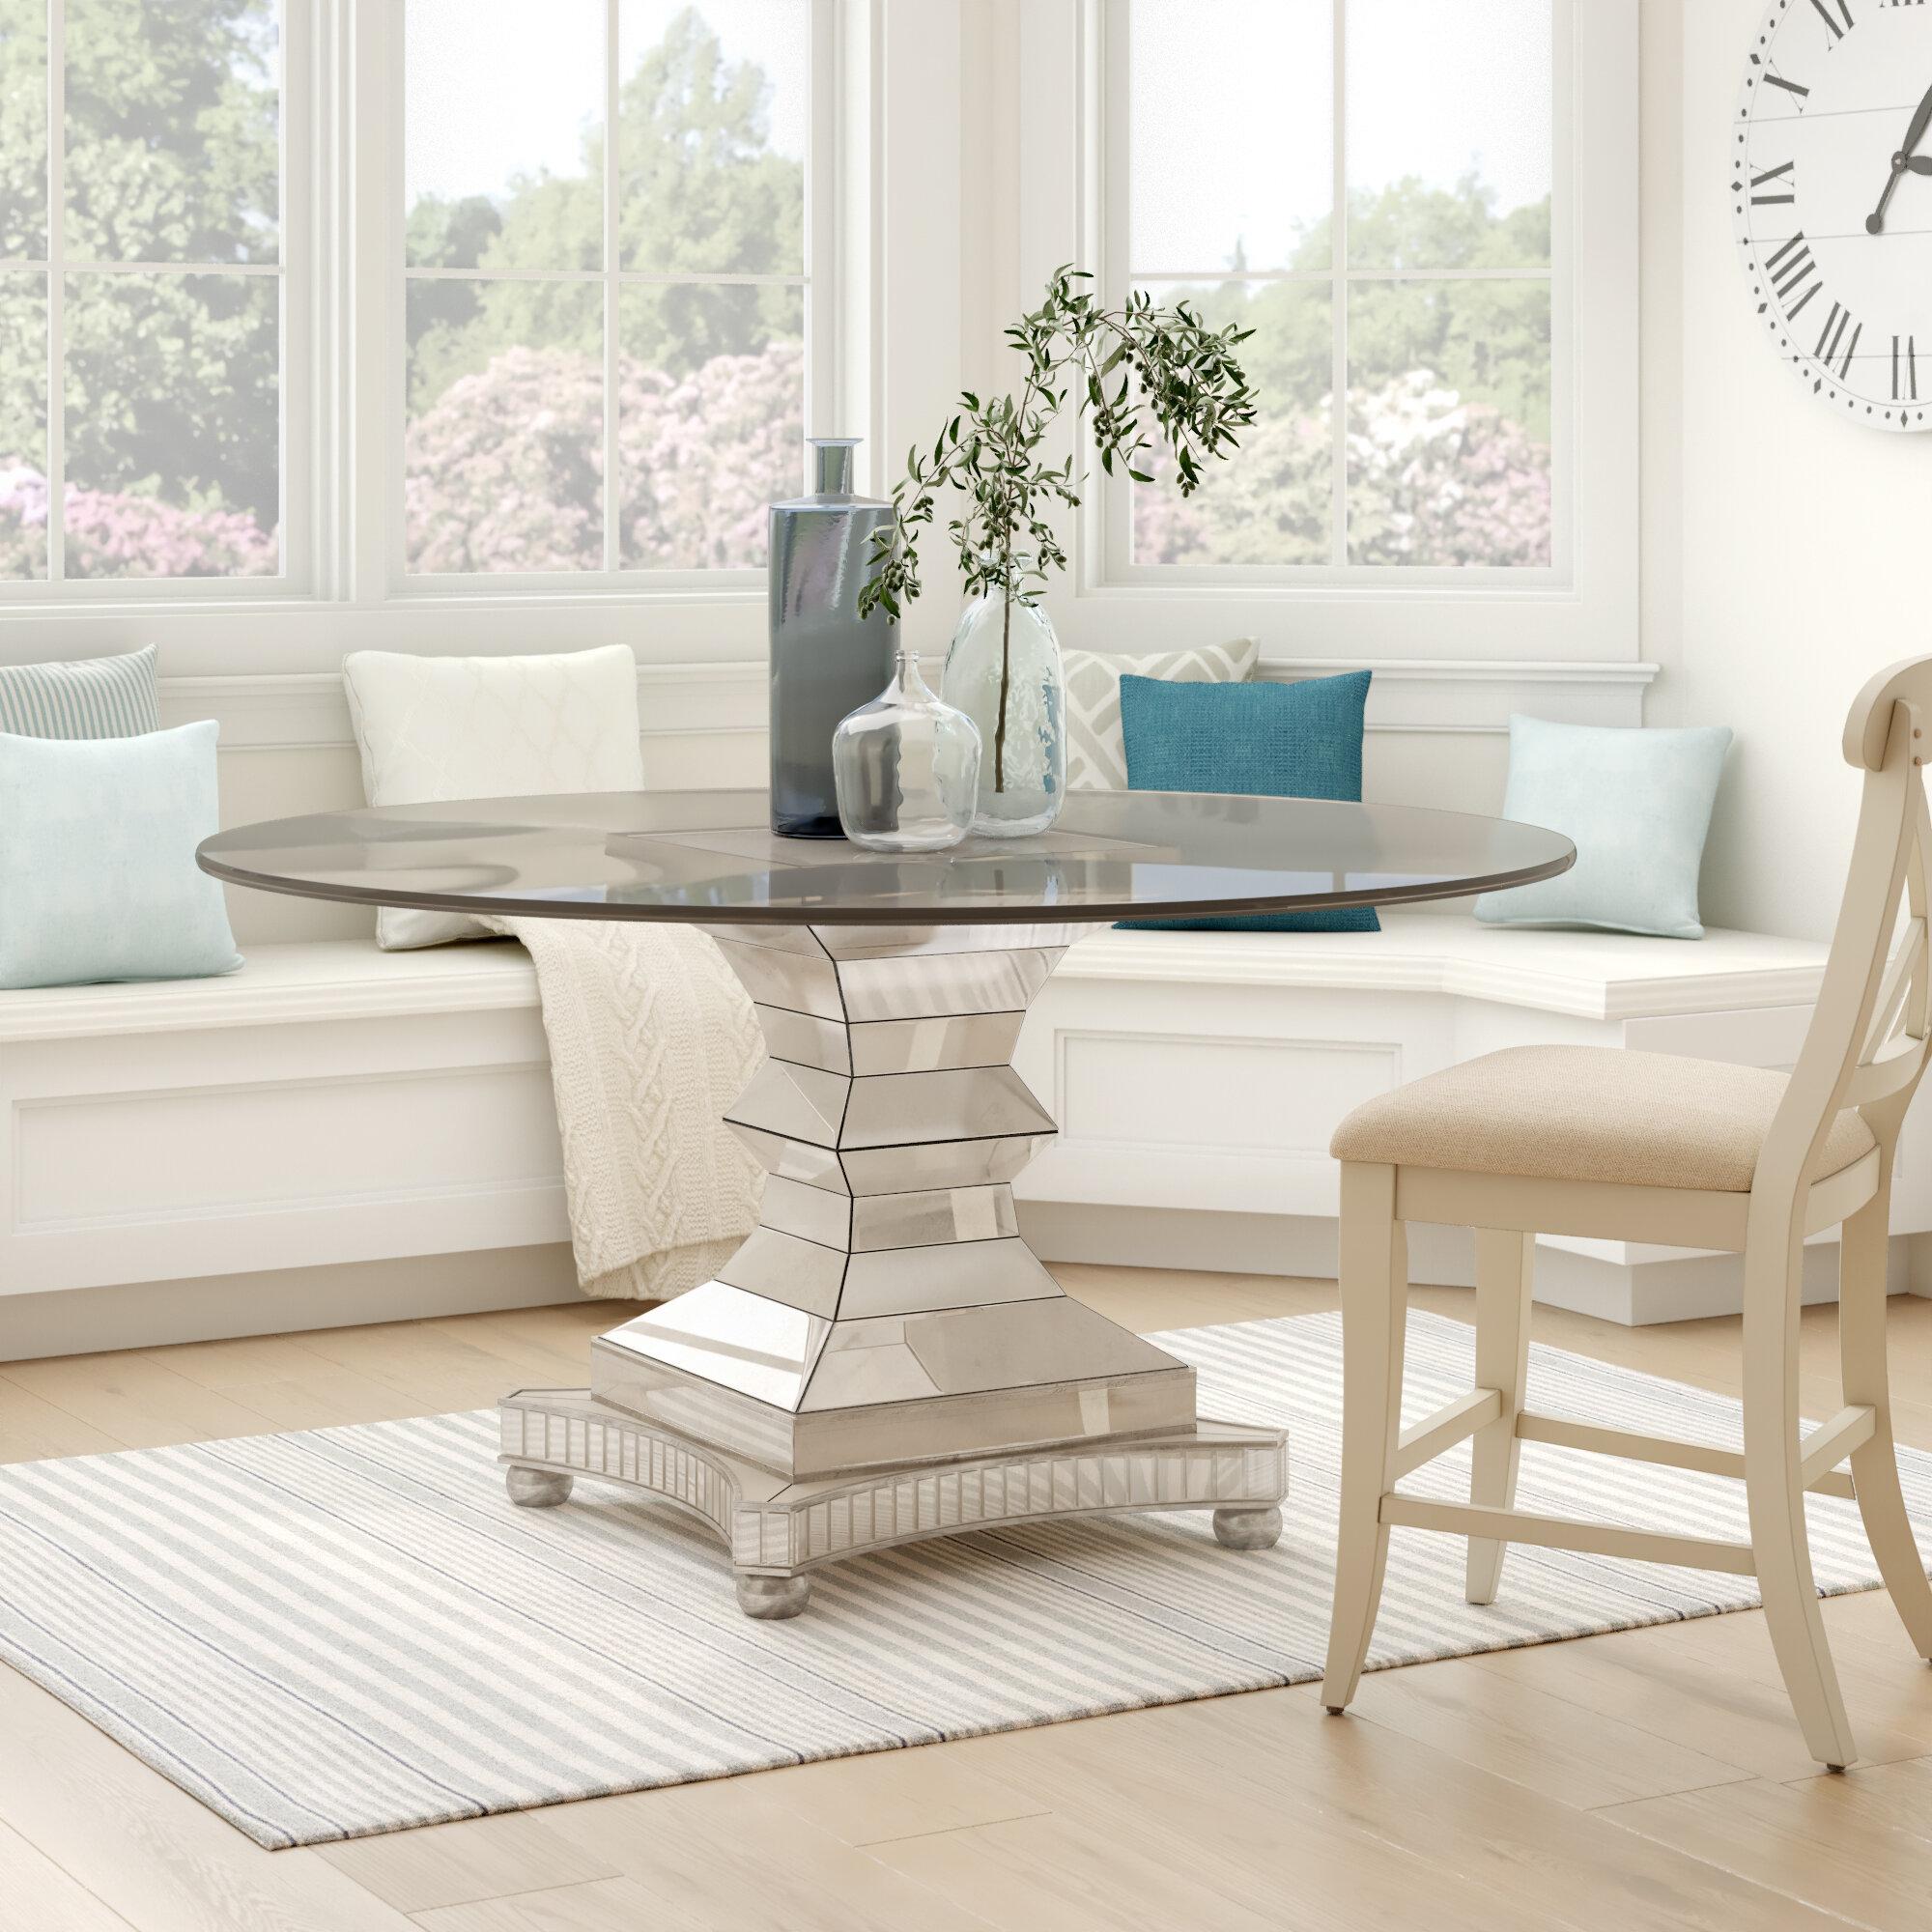 House Of Hampton Zanuck Dining Table Reviews Wayfair